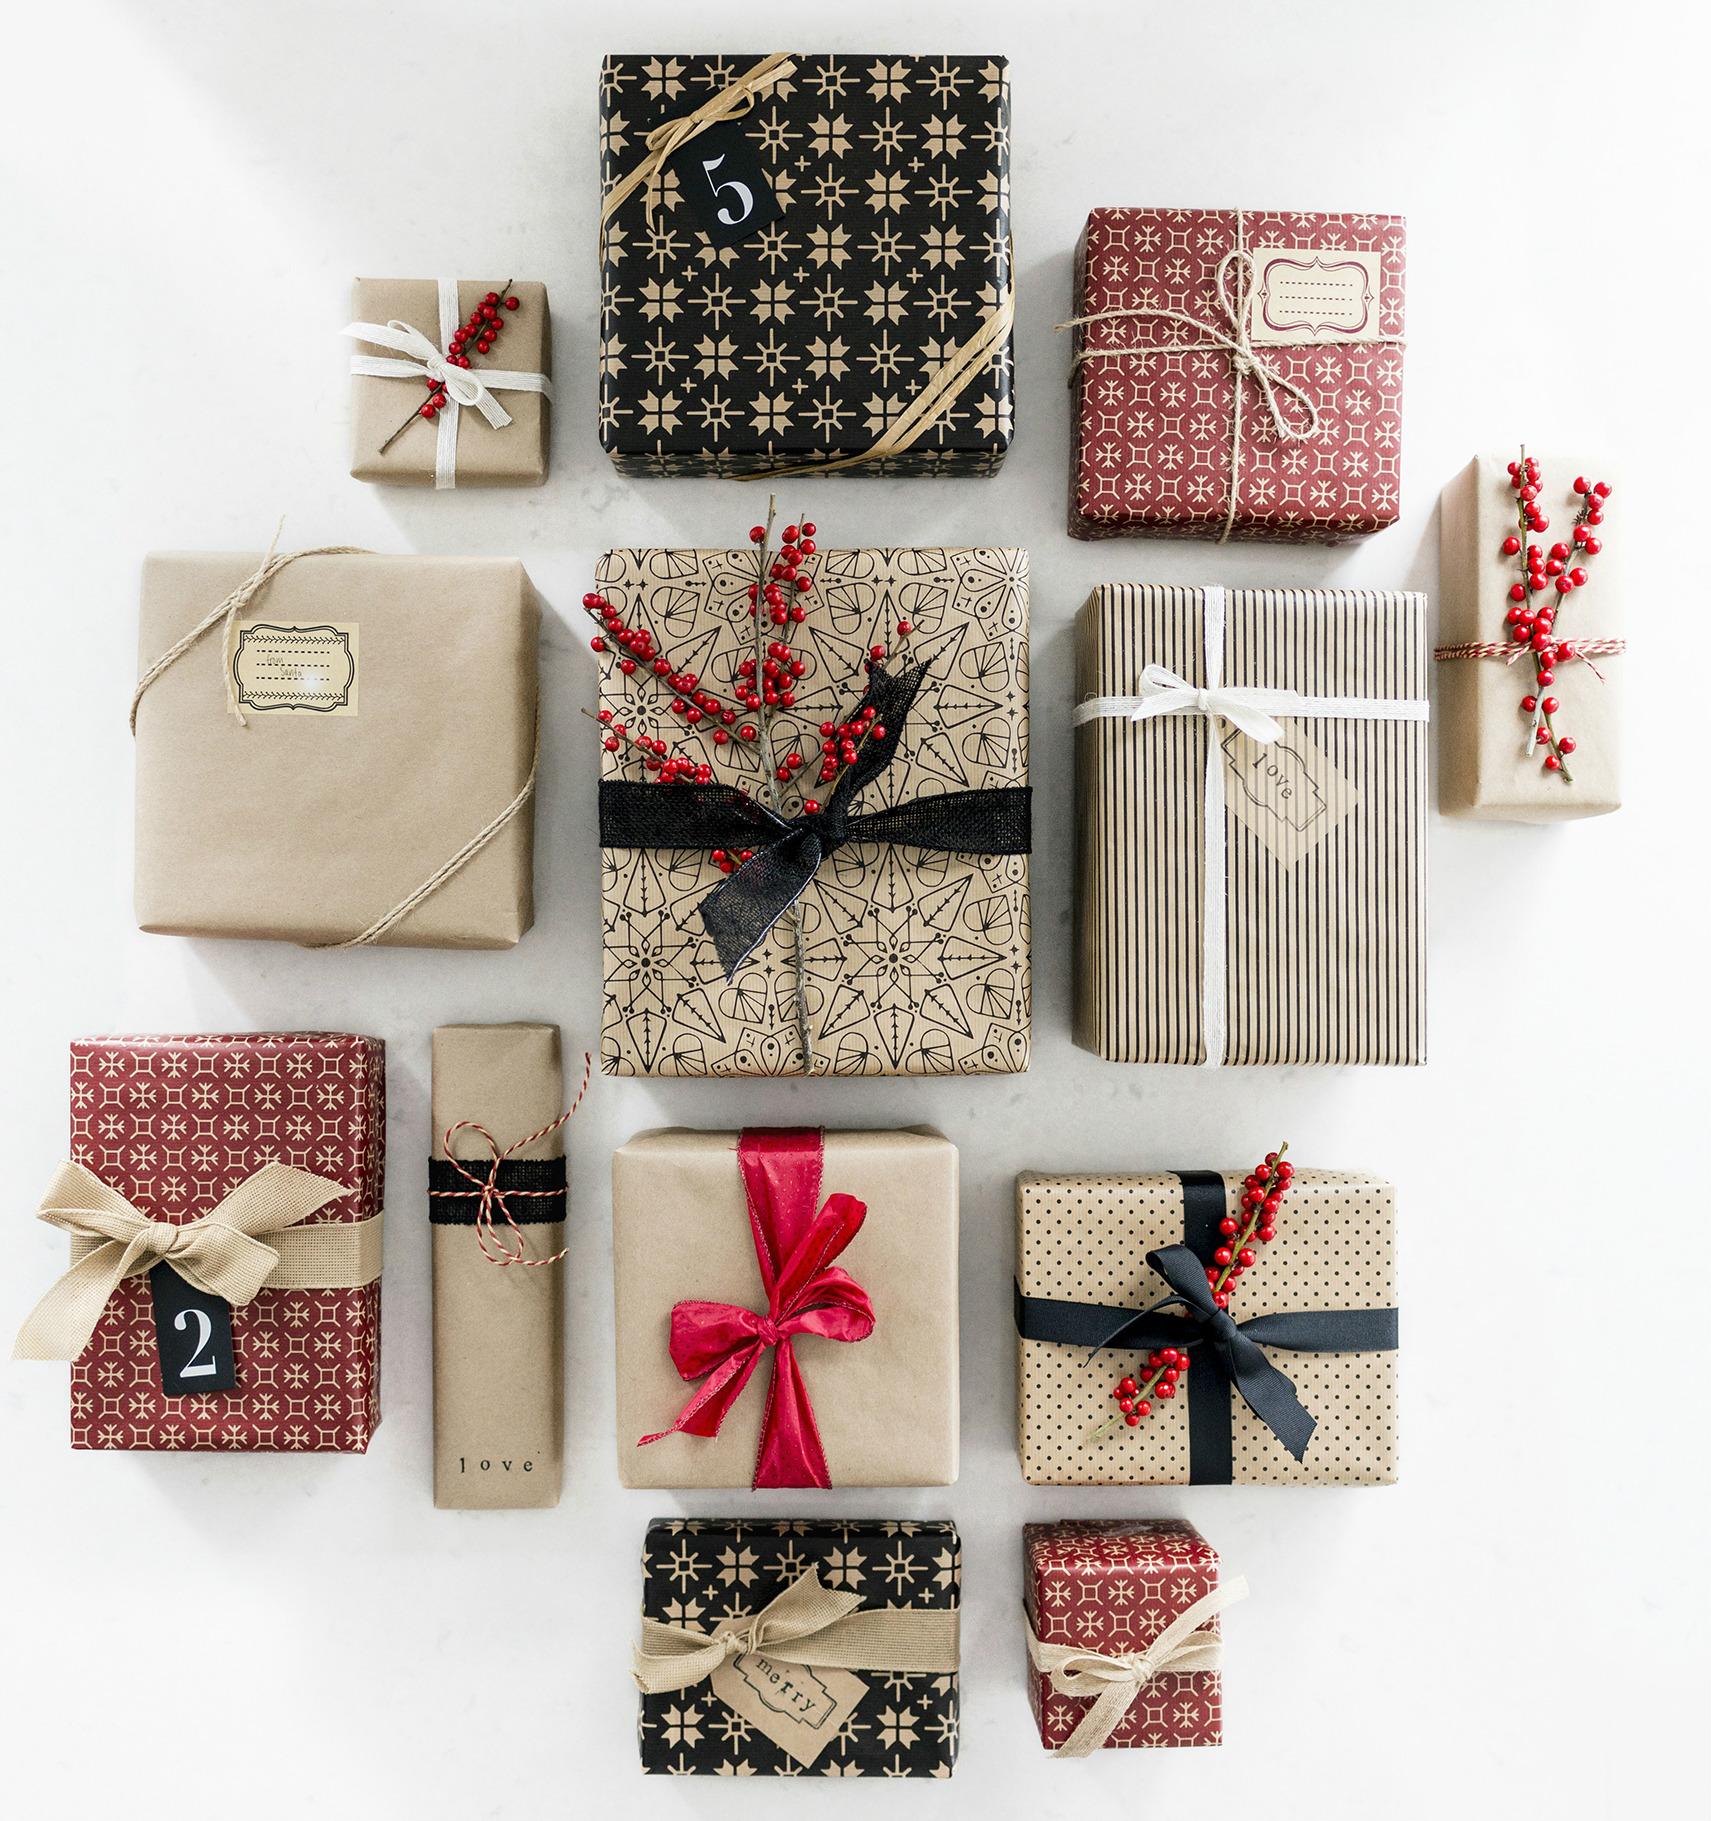 Как завернуть подарок в бумагу красиво